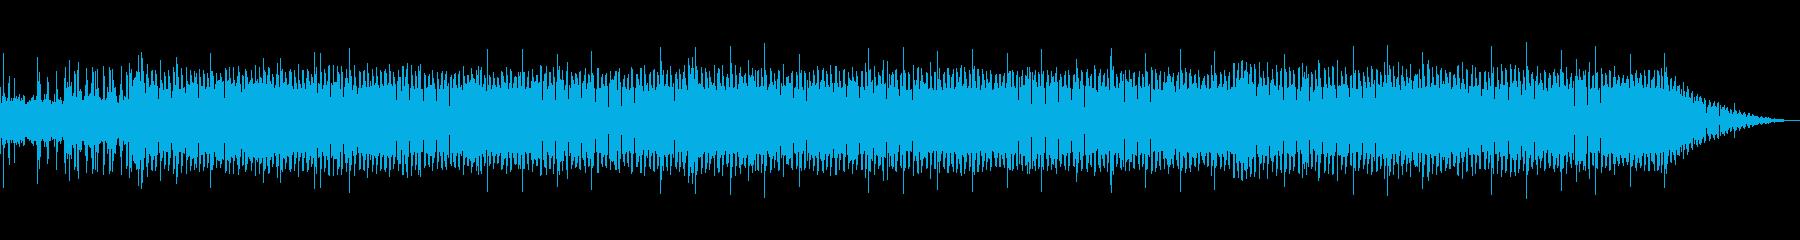 ちょっと切ない爽やか電子音楽_Aメロなしの再生済みの波形